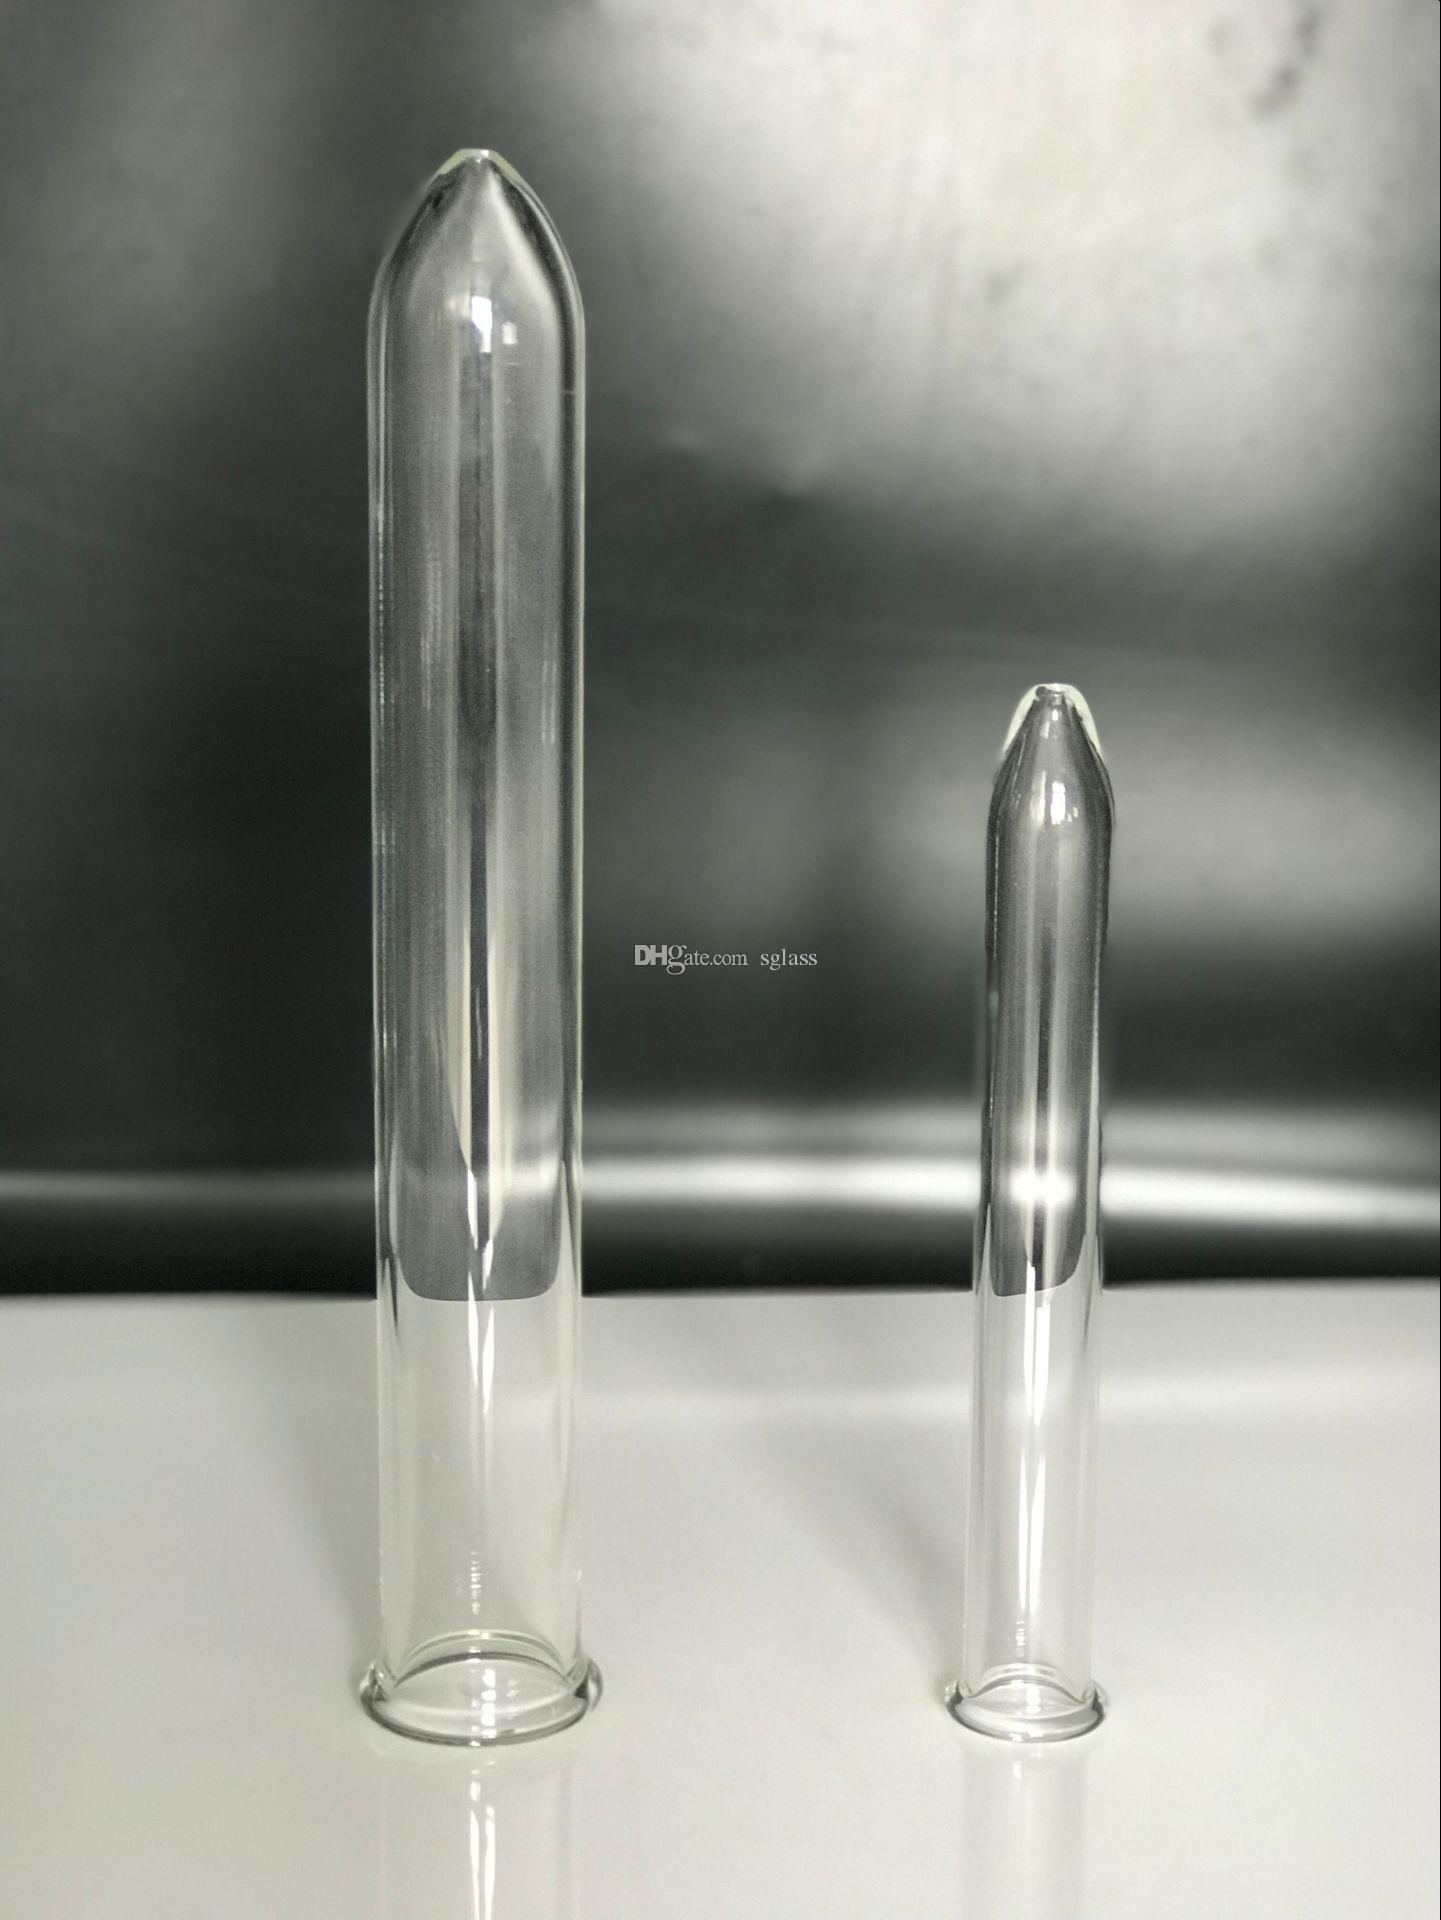 estrattore di vetro, estrattore di tubi, estrazione di olio vegetale da 8 pollici e dab di vetro da 12 pollici, cerchi di qualità, strumenti di vetro fumatori, bong di vetro